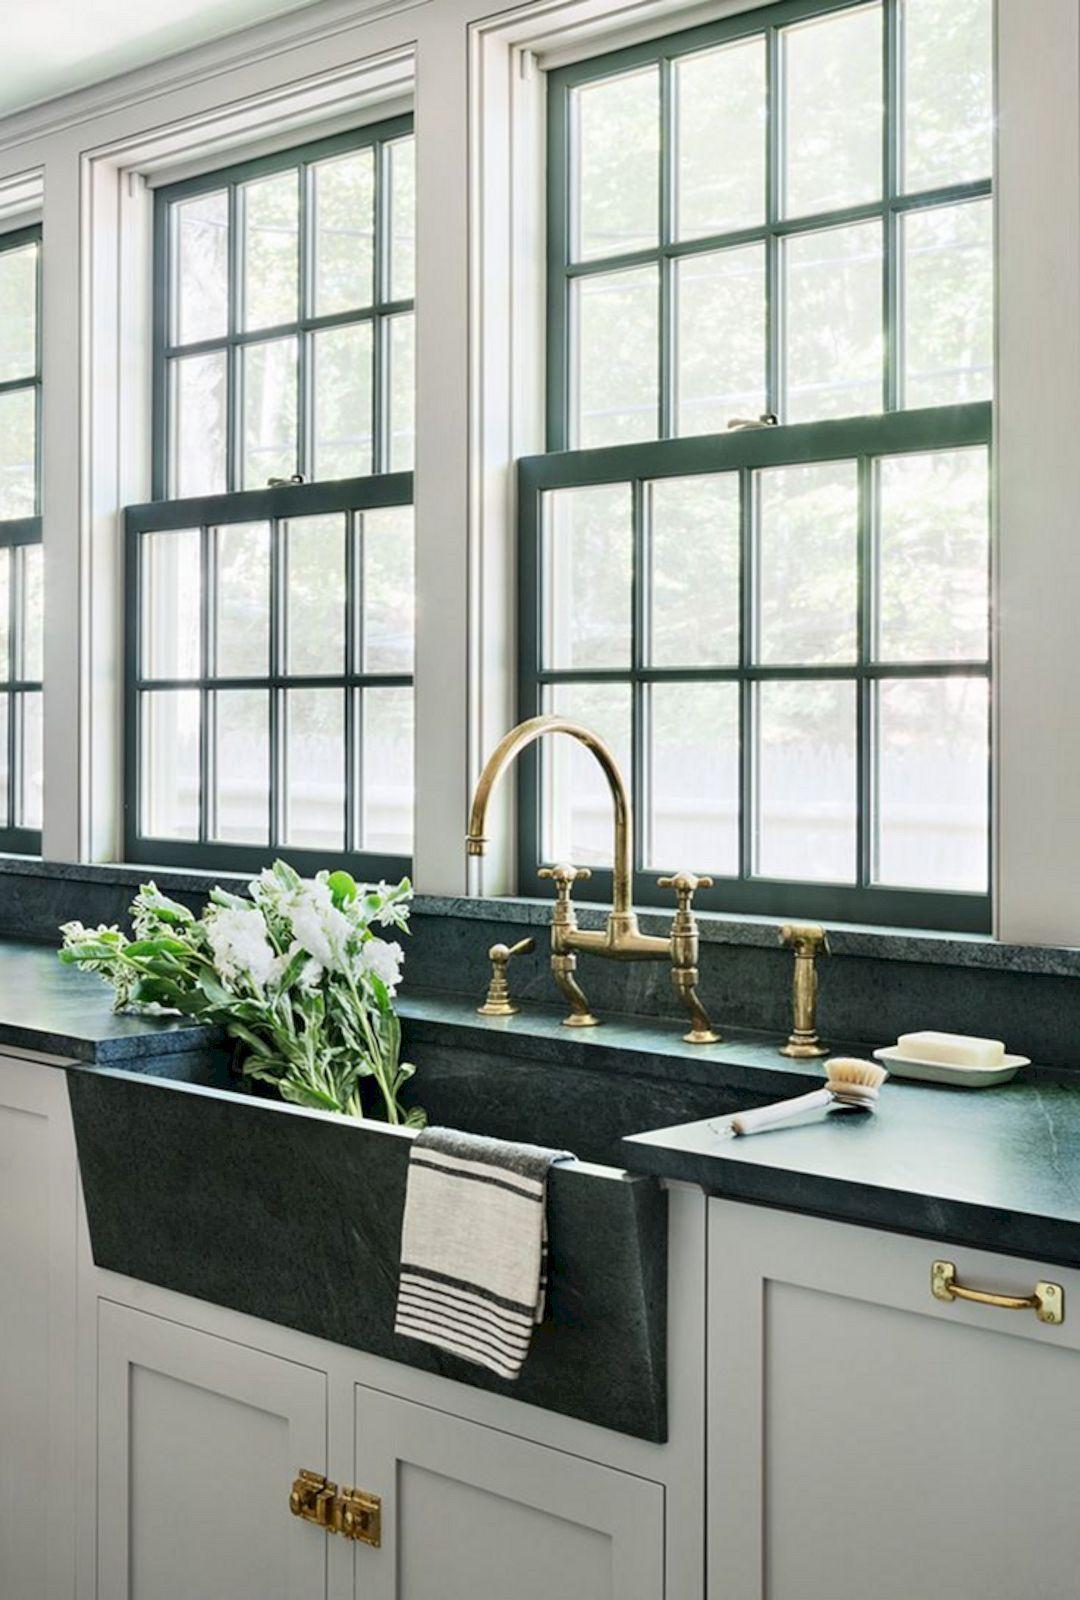 34 beautiful modern farmhouse kitchen sink designs furniture rh za pinterest com Kitchen Sink with Drainboard Small Kitchen Designs